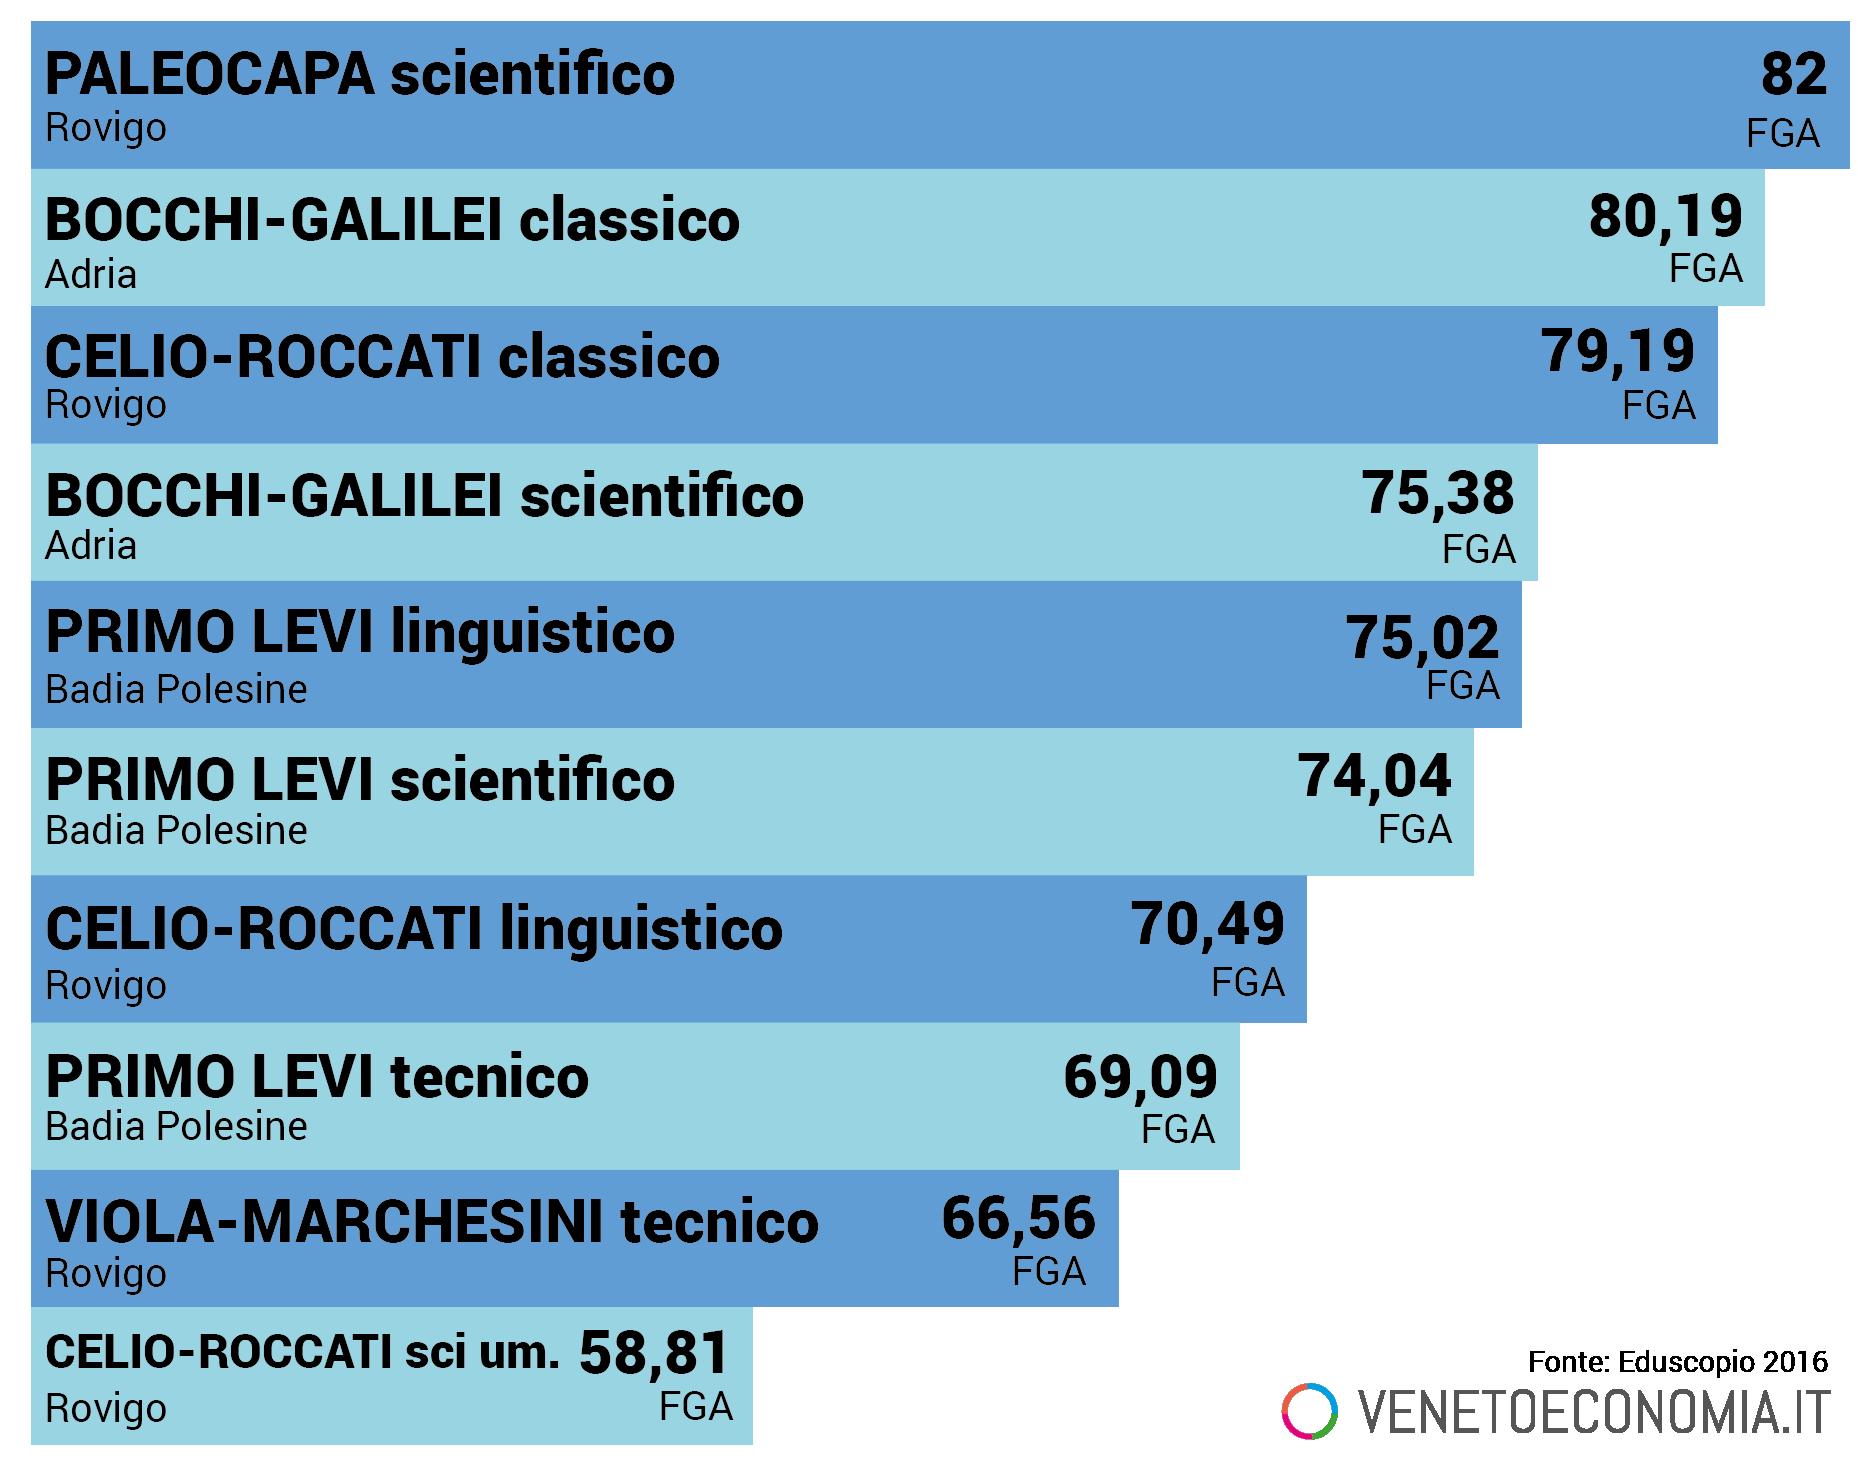 migliori scuole di rovigo 2016 eduscopio